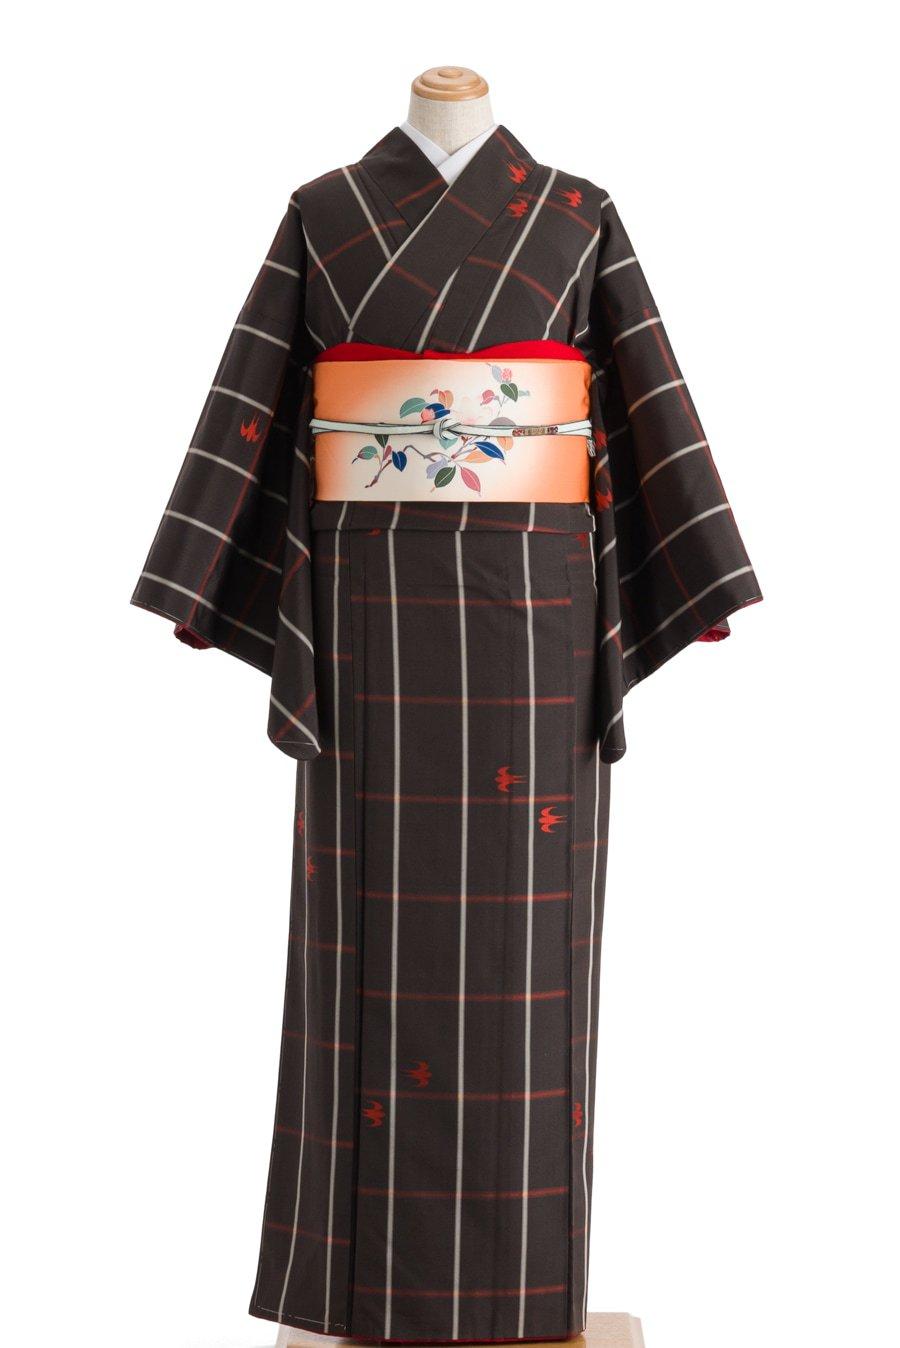 「紬 焦げ茶に格子と燕」の商品画像